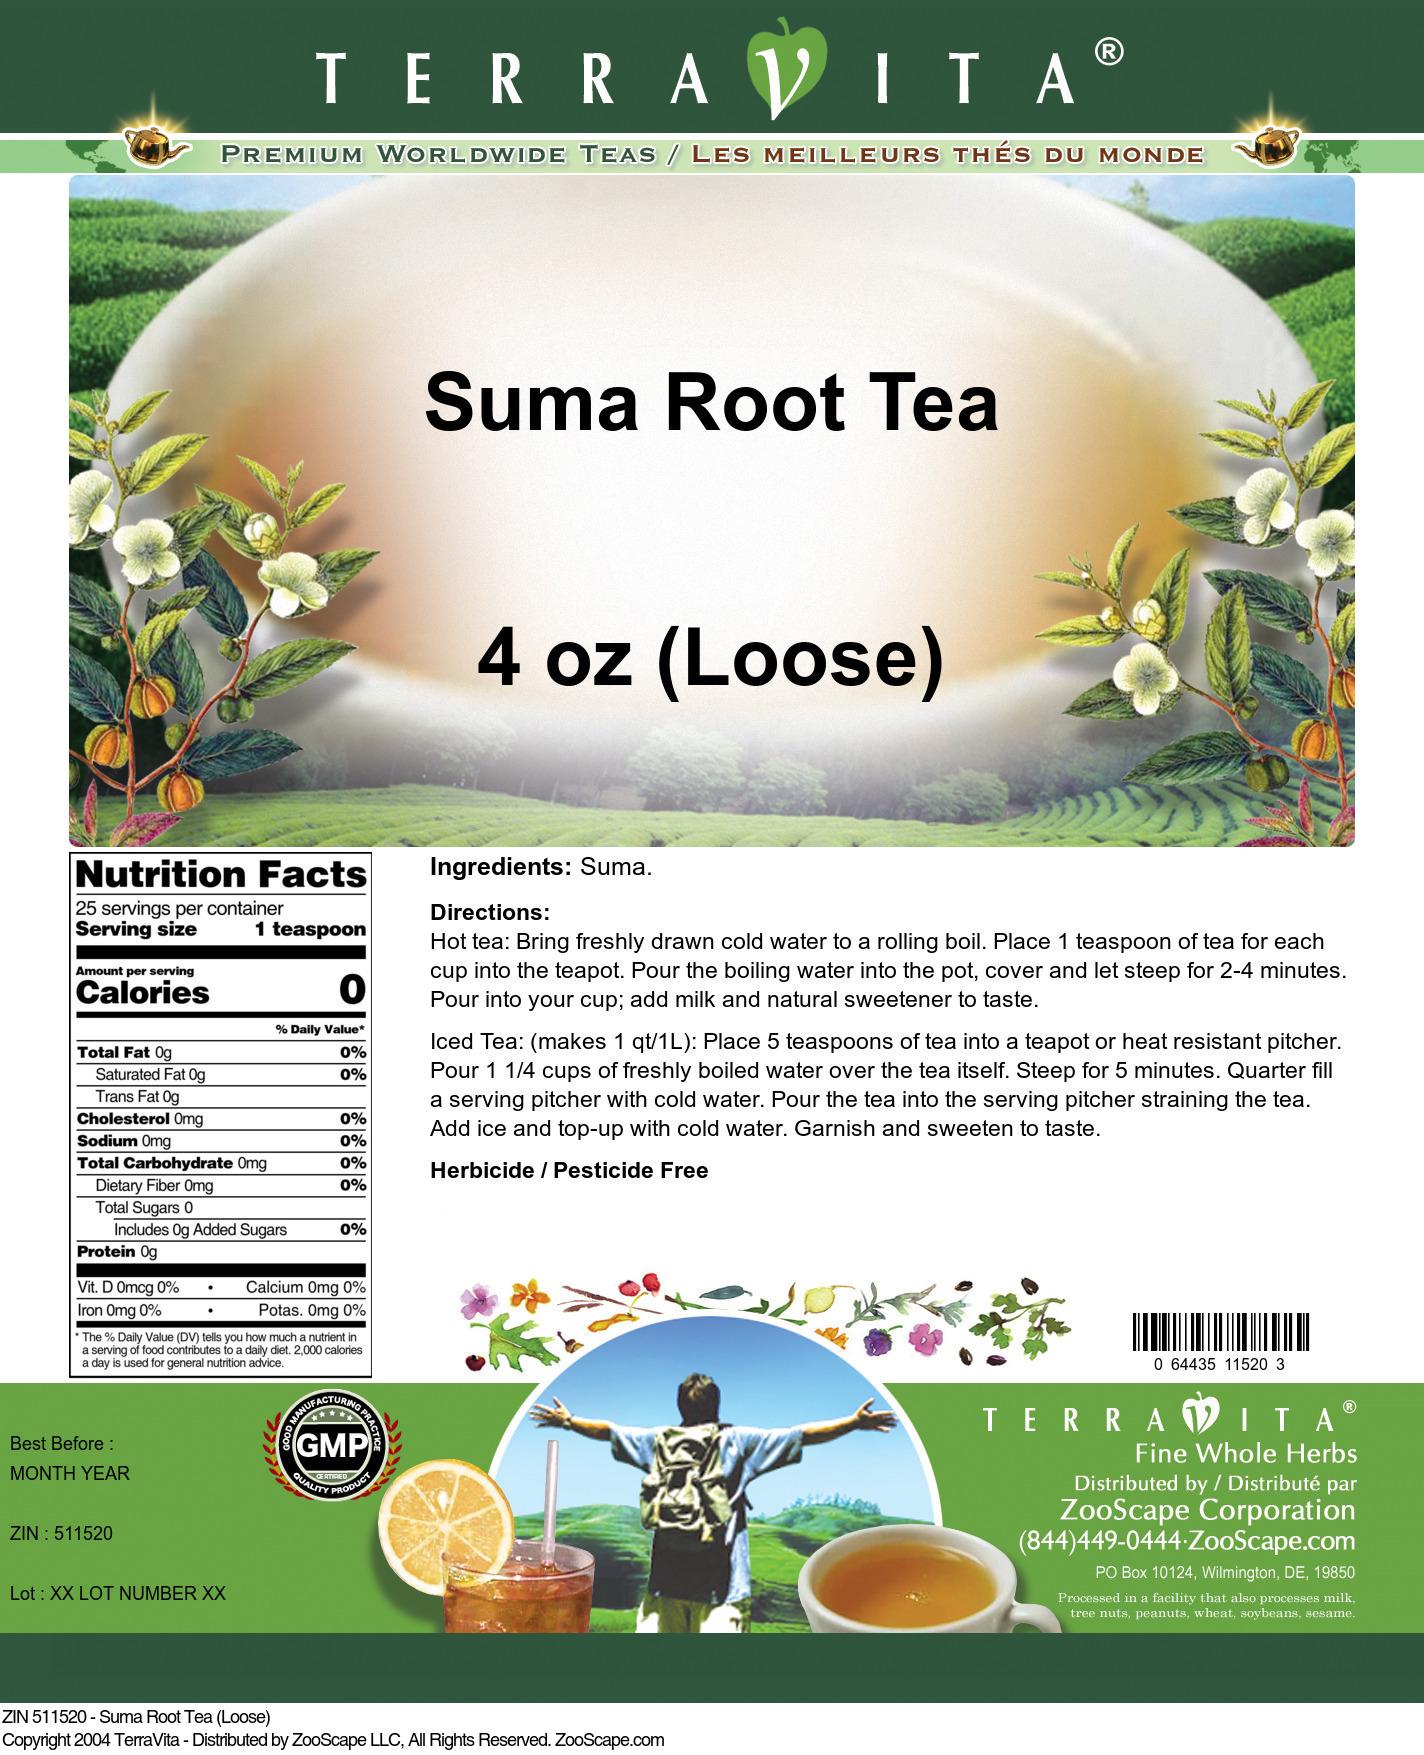 Suma Root Tea (Loose)